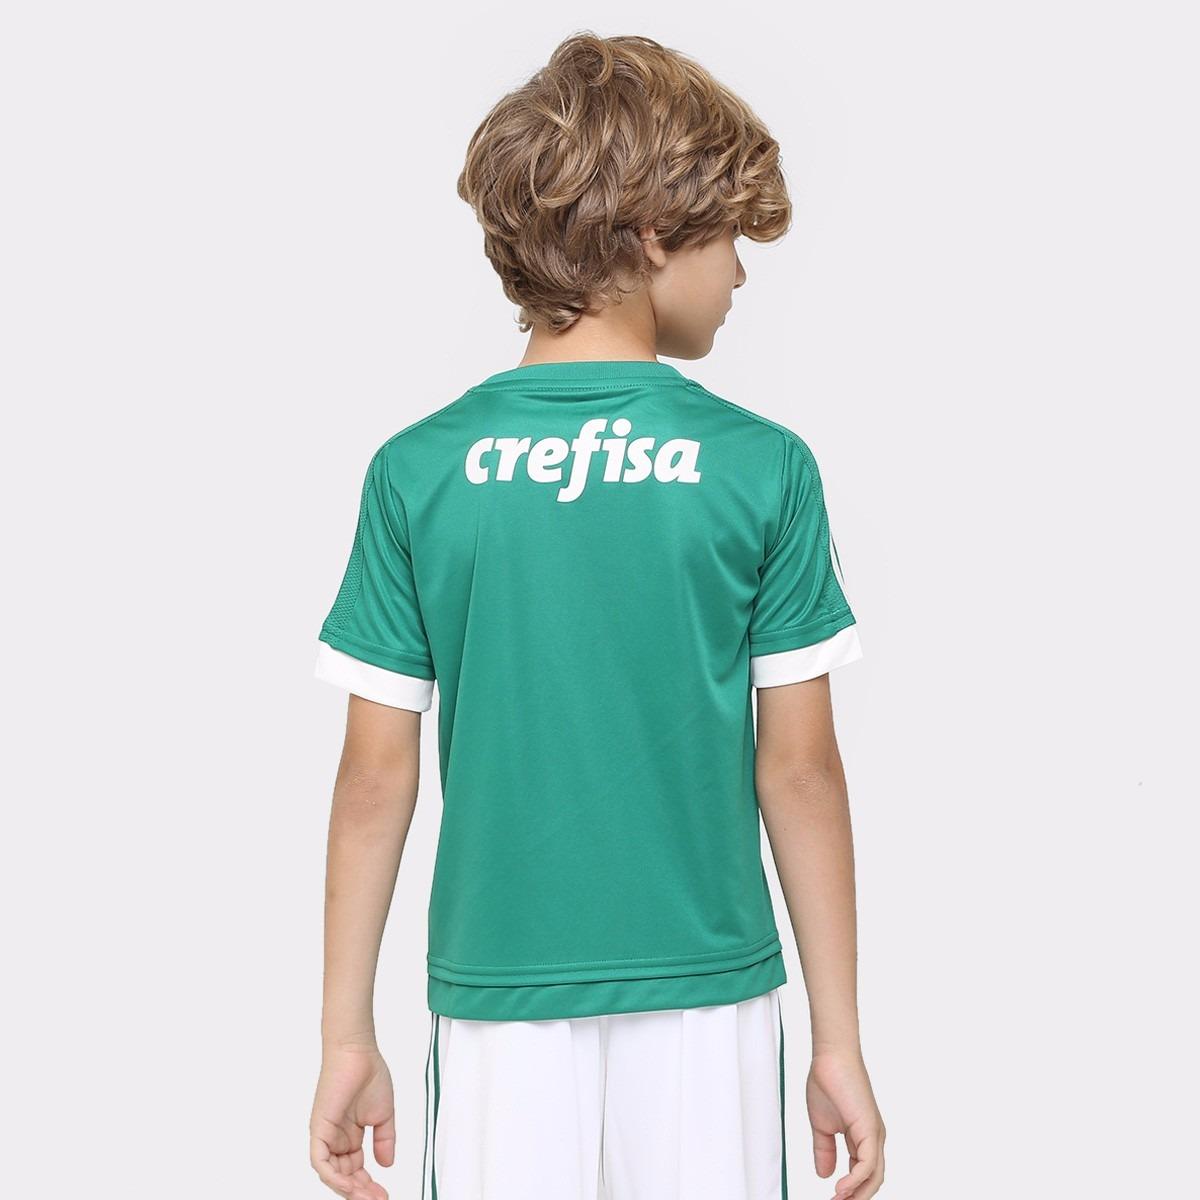 28bed4e83c camisa palmeiras crefisa infantil oficial adidas promoção. Carregando zoom.